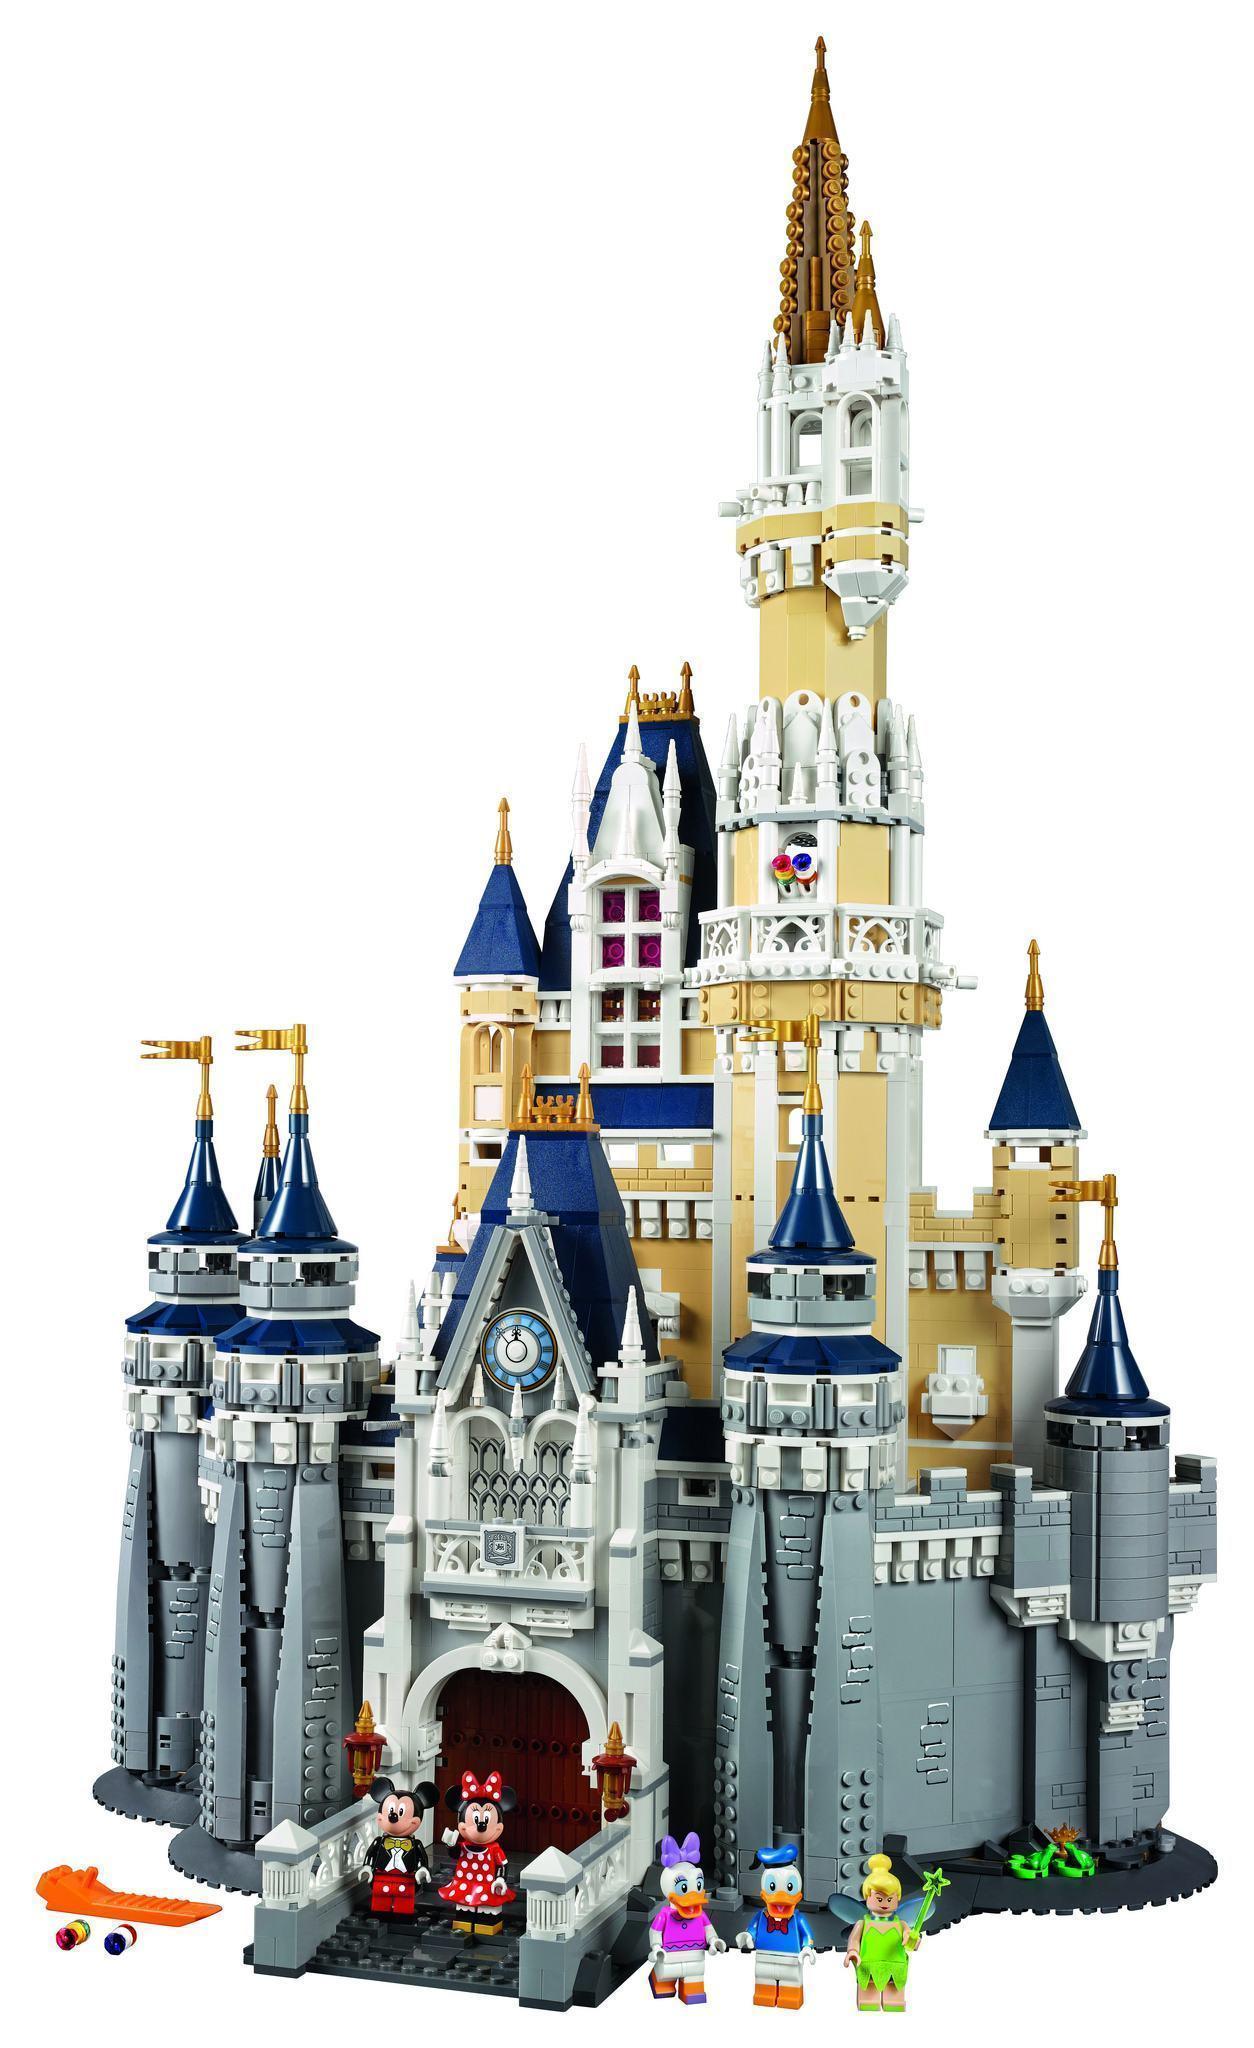 LEGO-The-Disney-Castle-Cinderella-01a